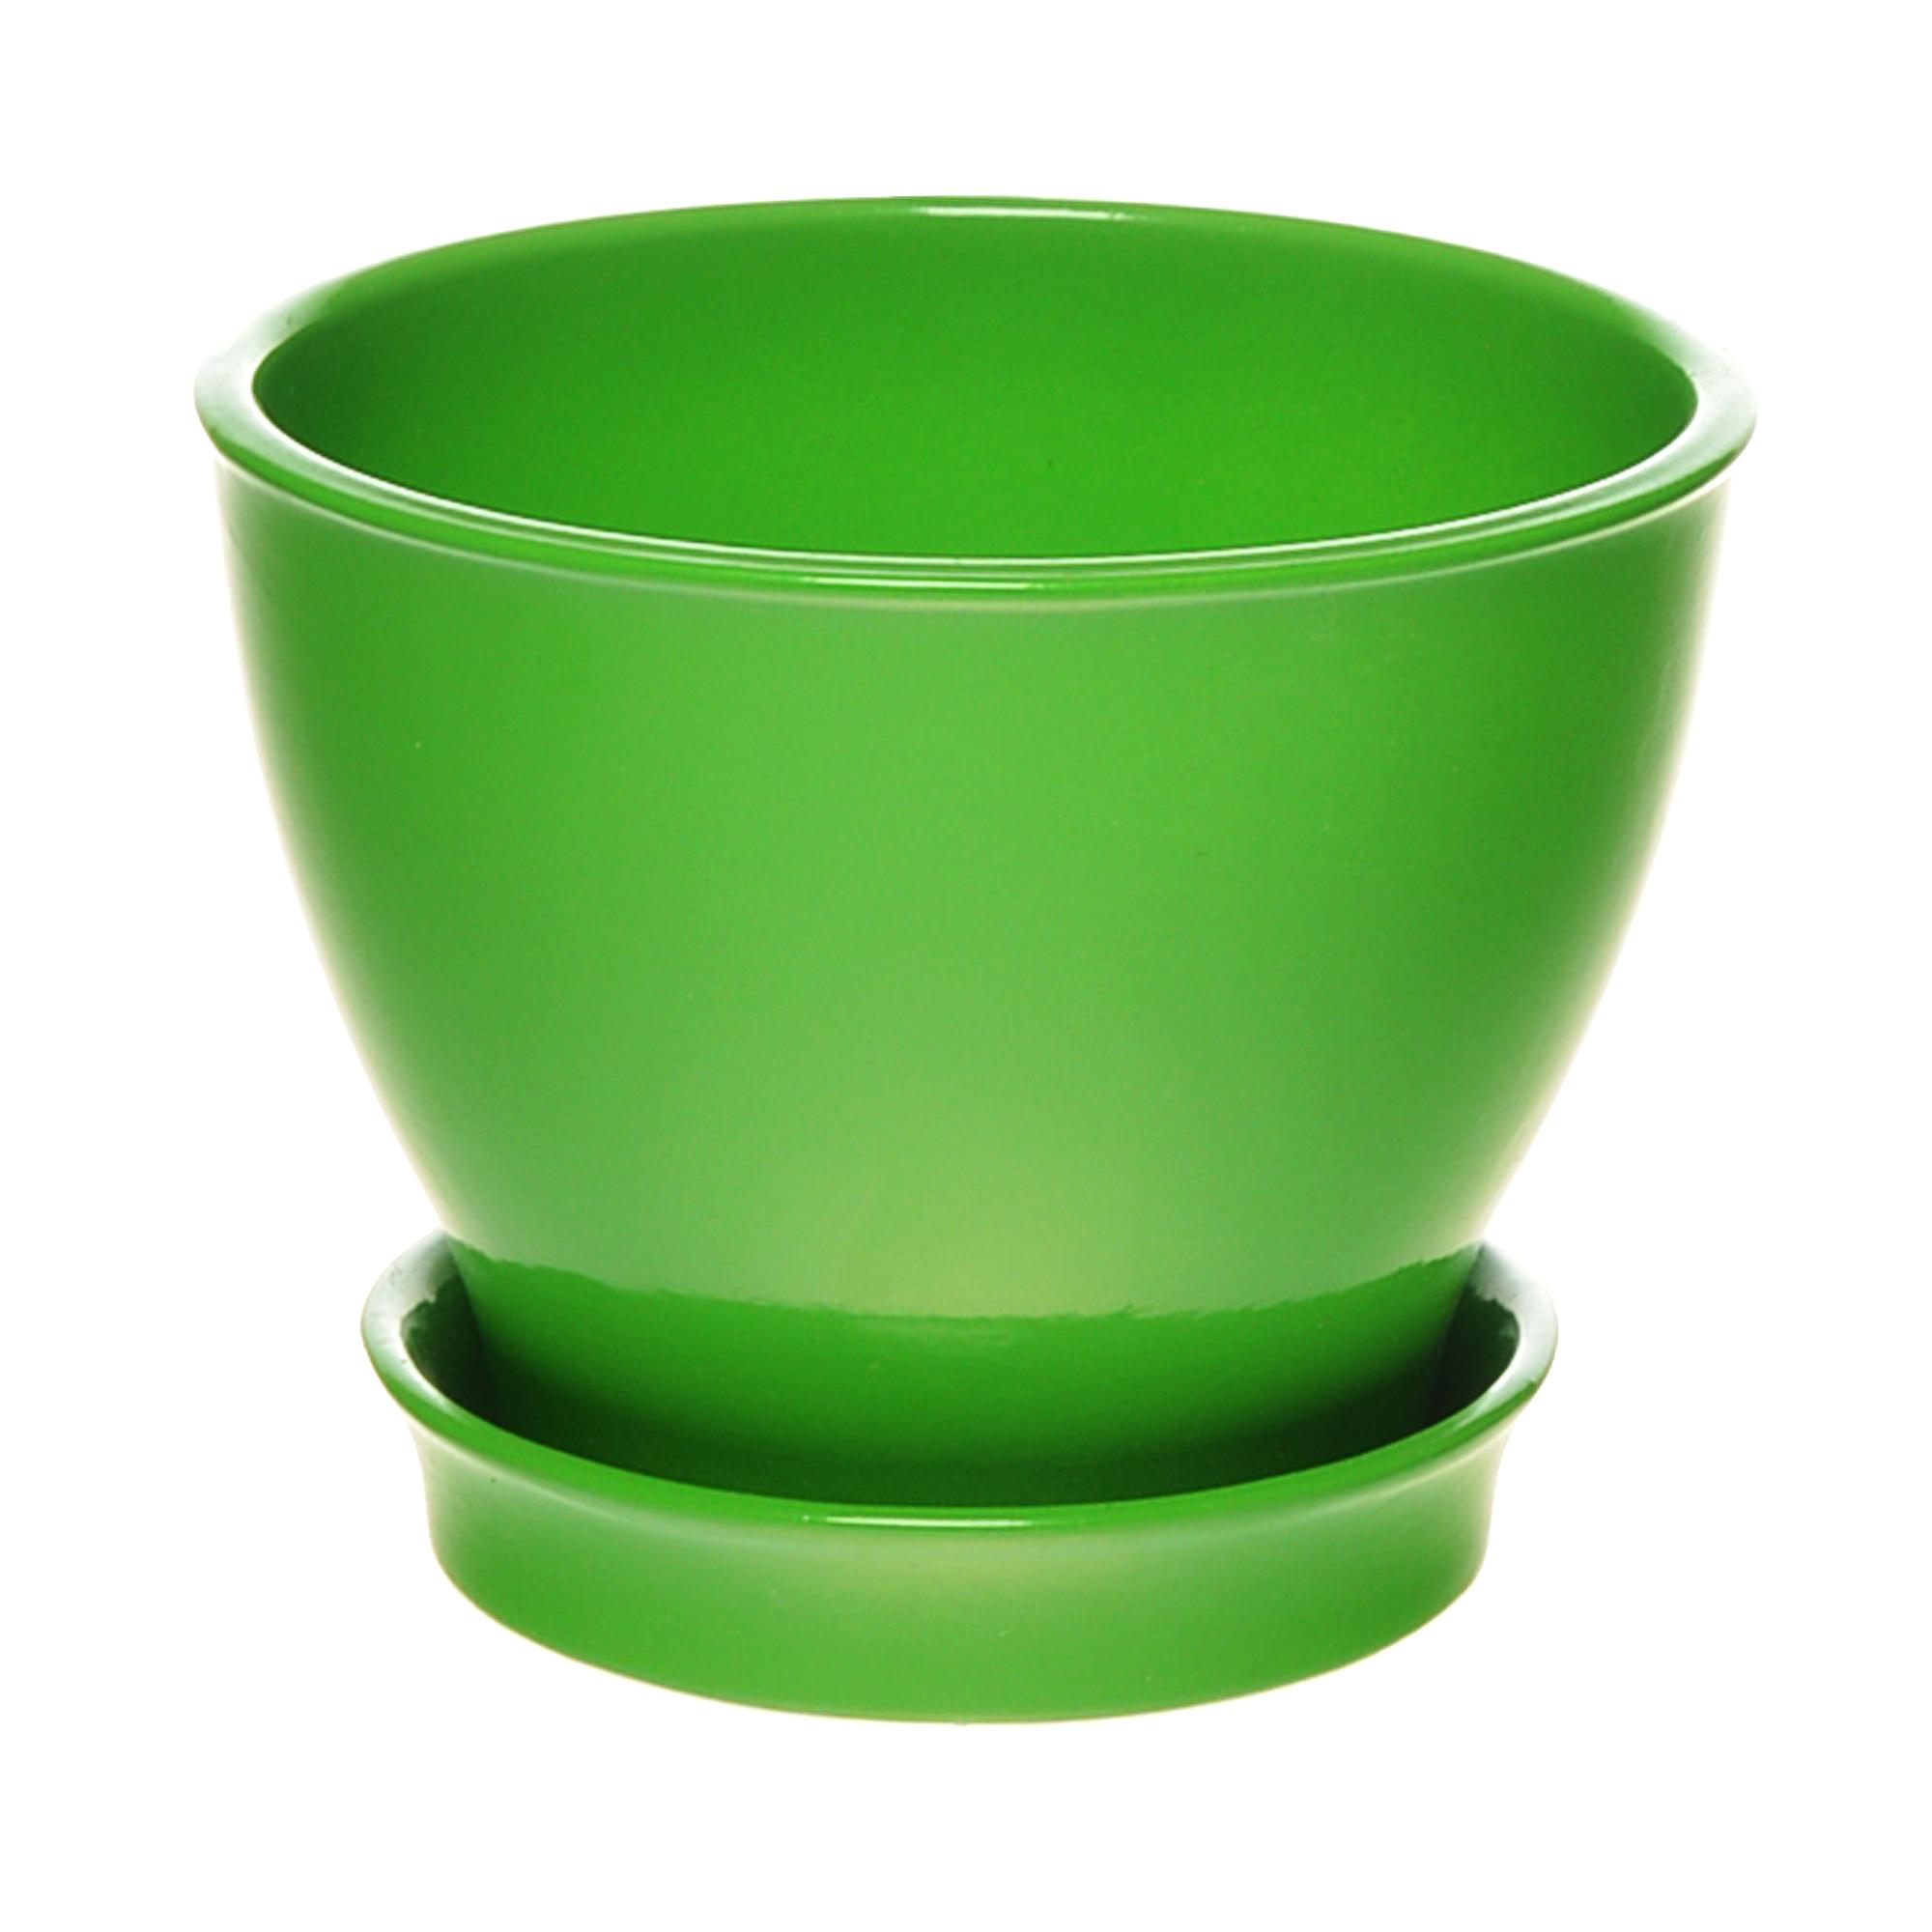 Фото - Горшок с поддоном керамический для цветов Керам Ксения глянец зеленый 12см горшок с поддоном керамический для цветов керам ксения глянец зеленый 9см